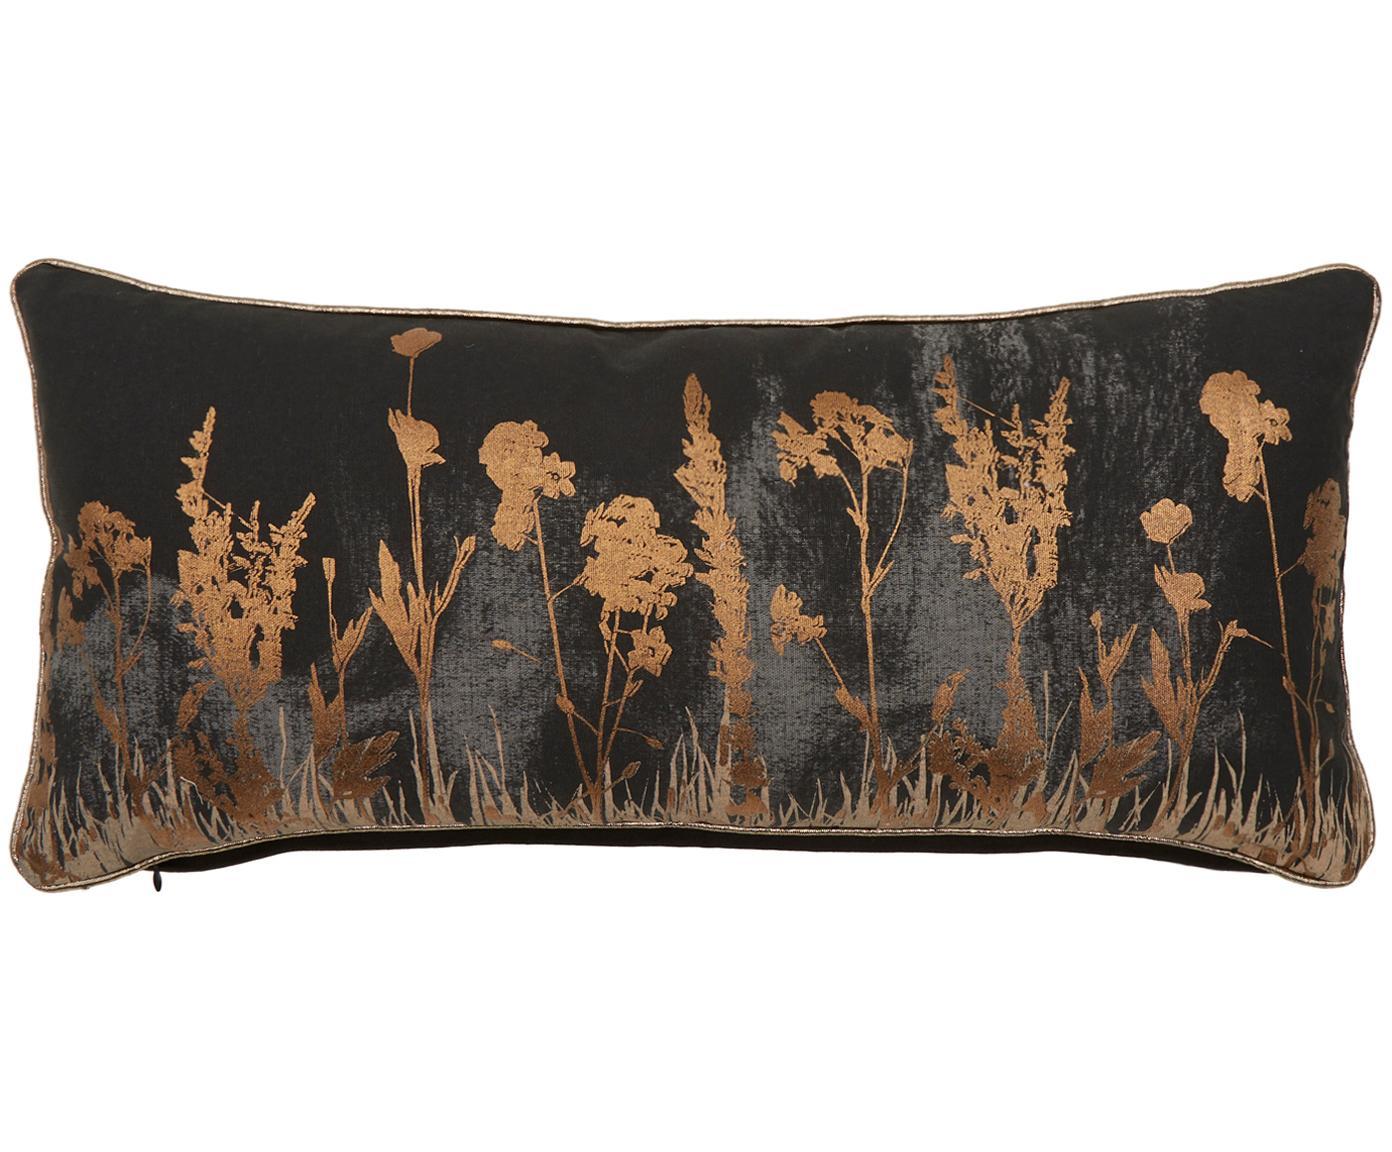 Kussen Wild Floral, met vulling, Zwart, antraciet, koperkleurig, 30 x 65 cm